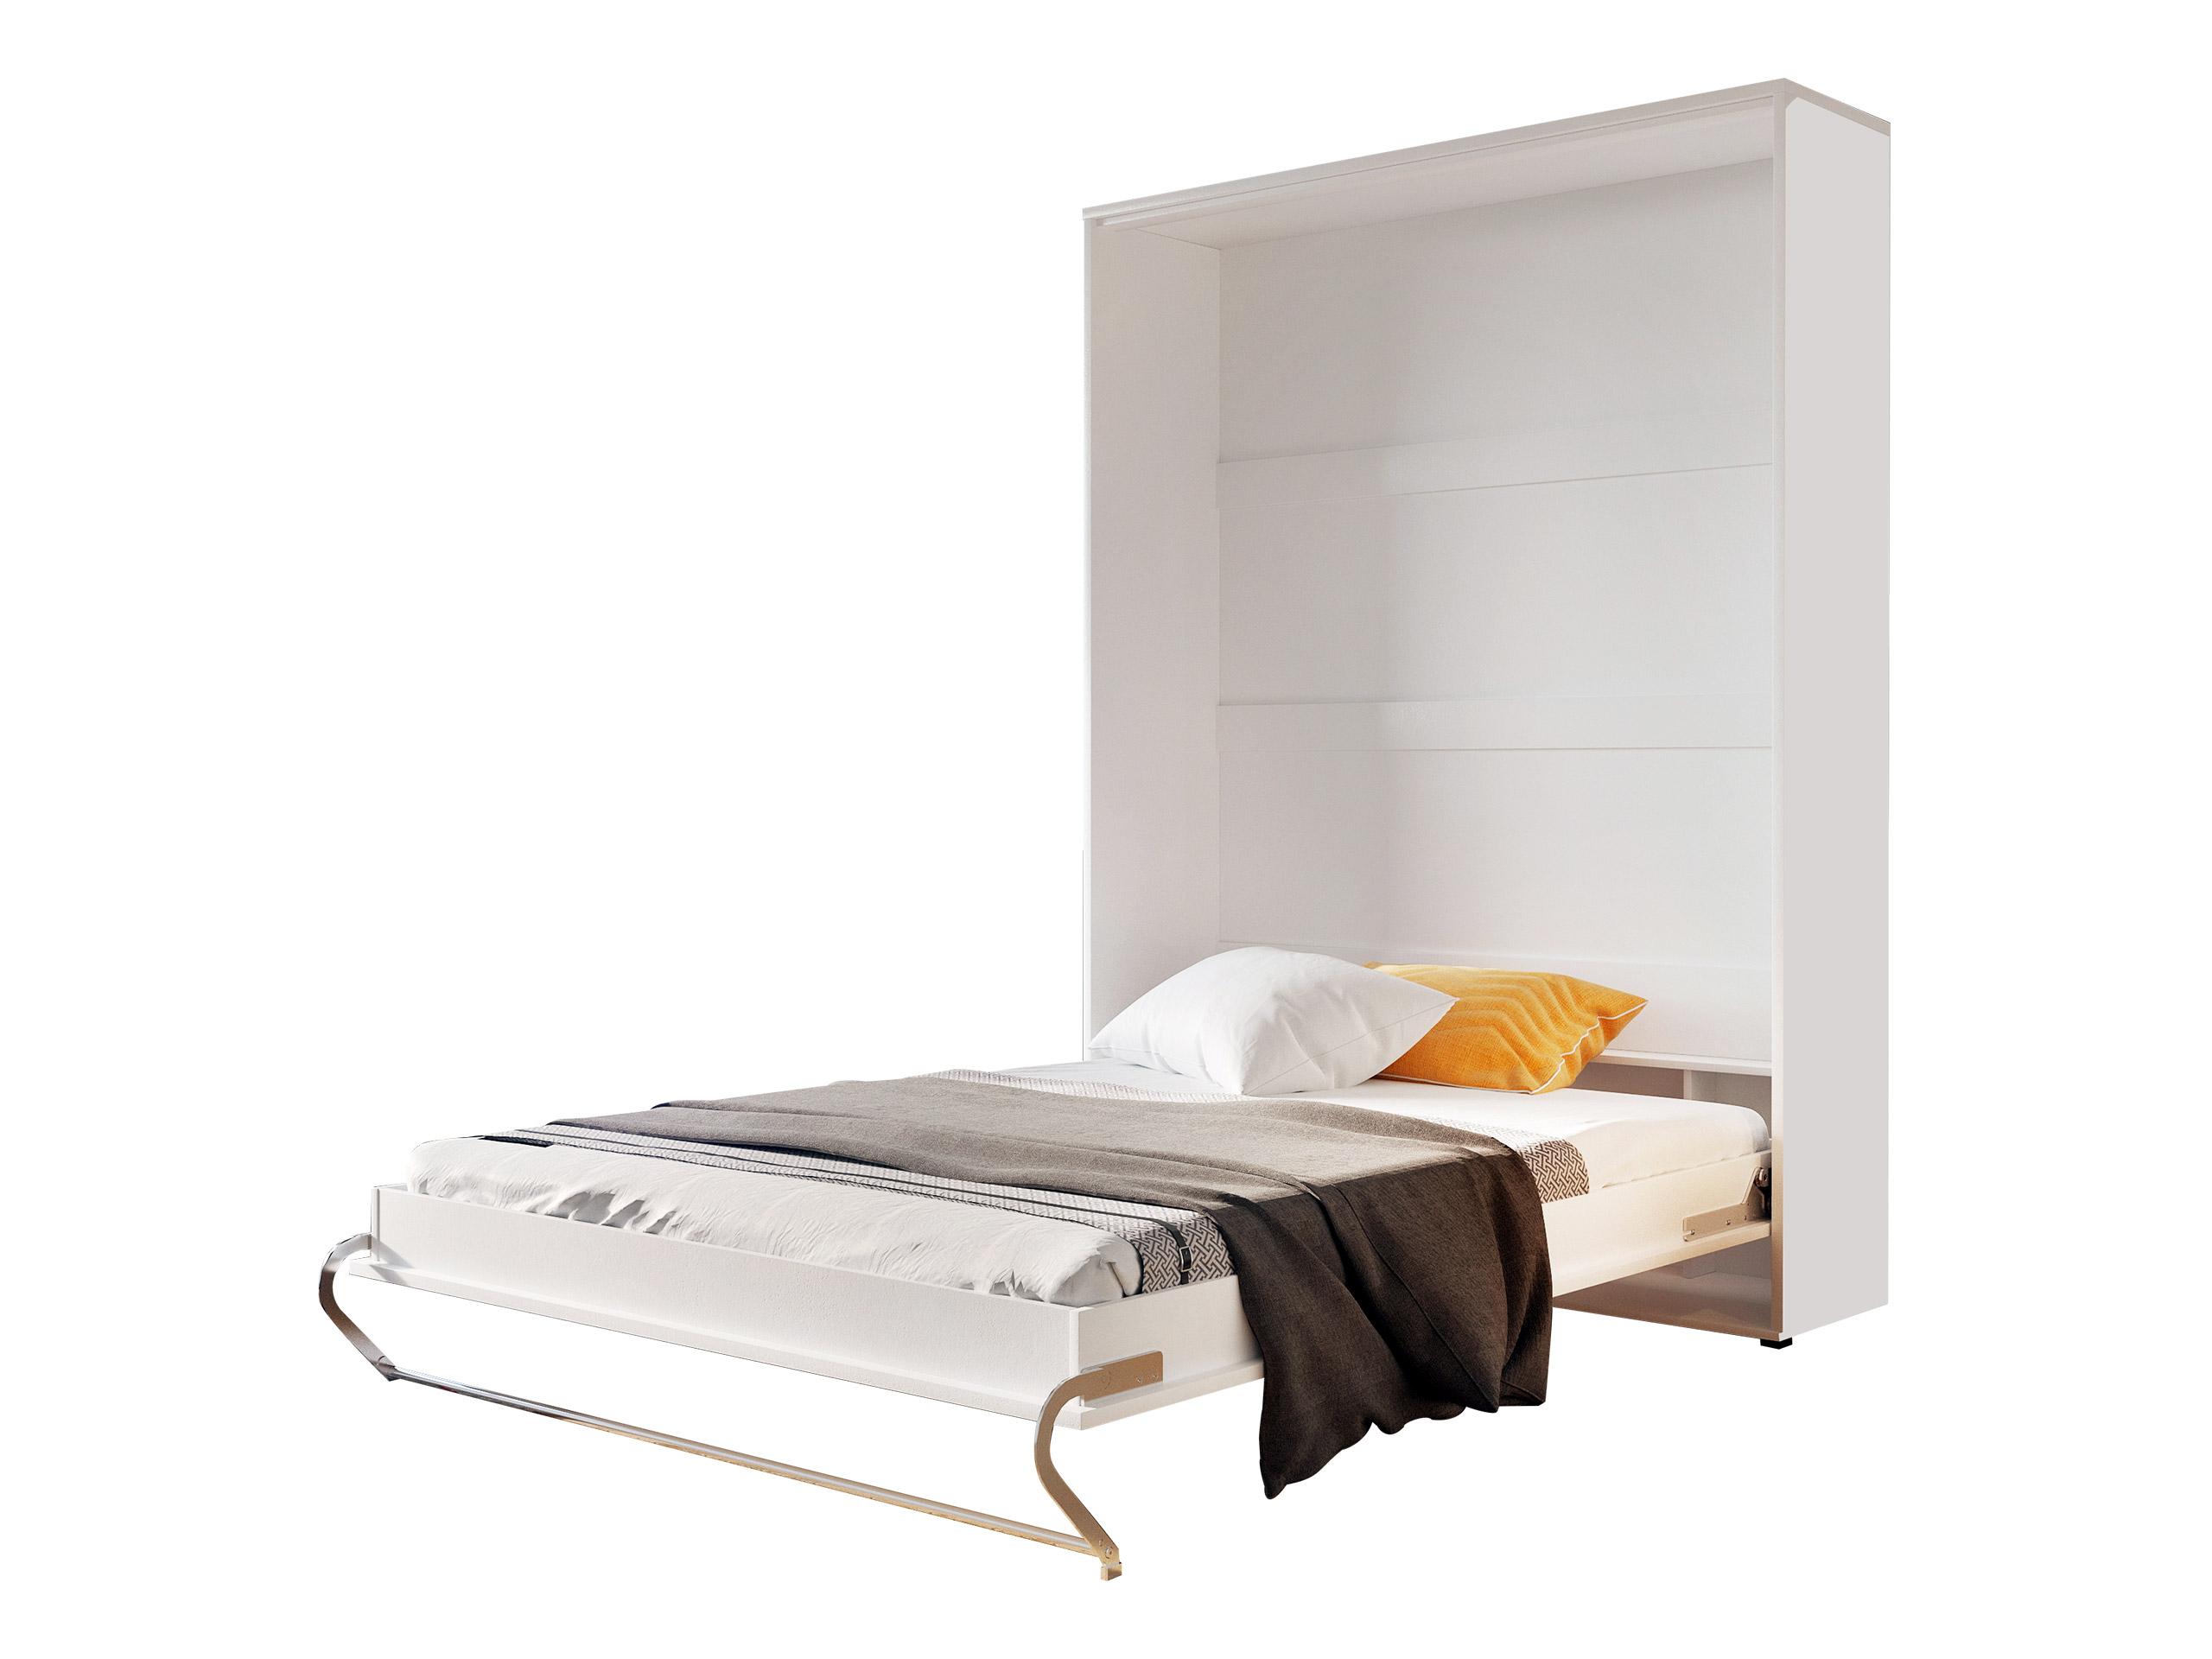 Półkotapczan łóżko Chowane W Szafie Concept Pro 03